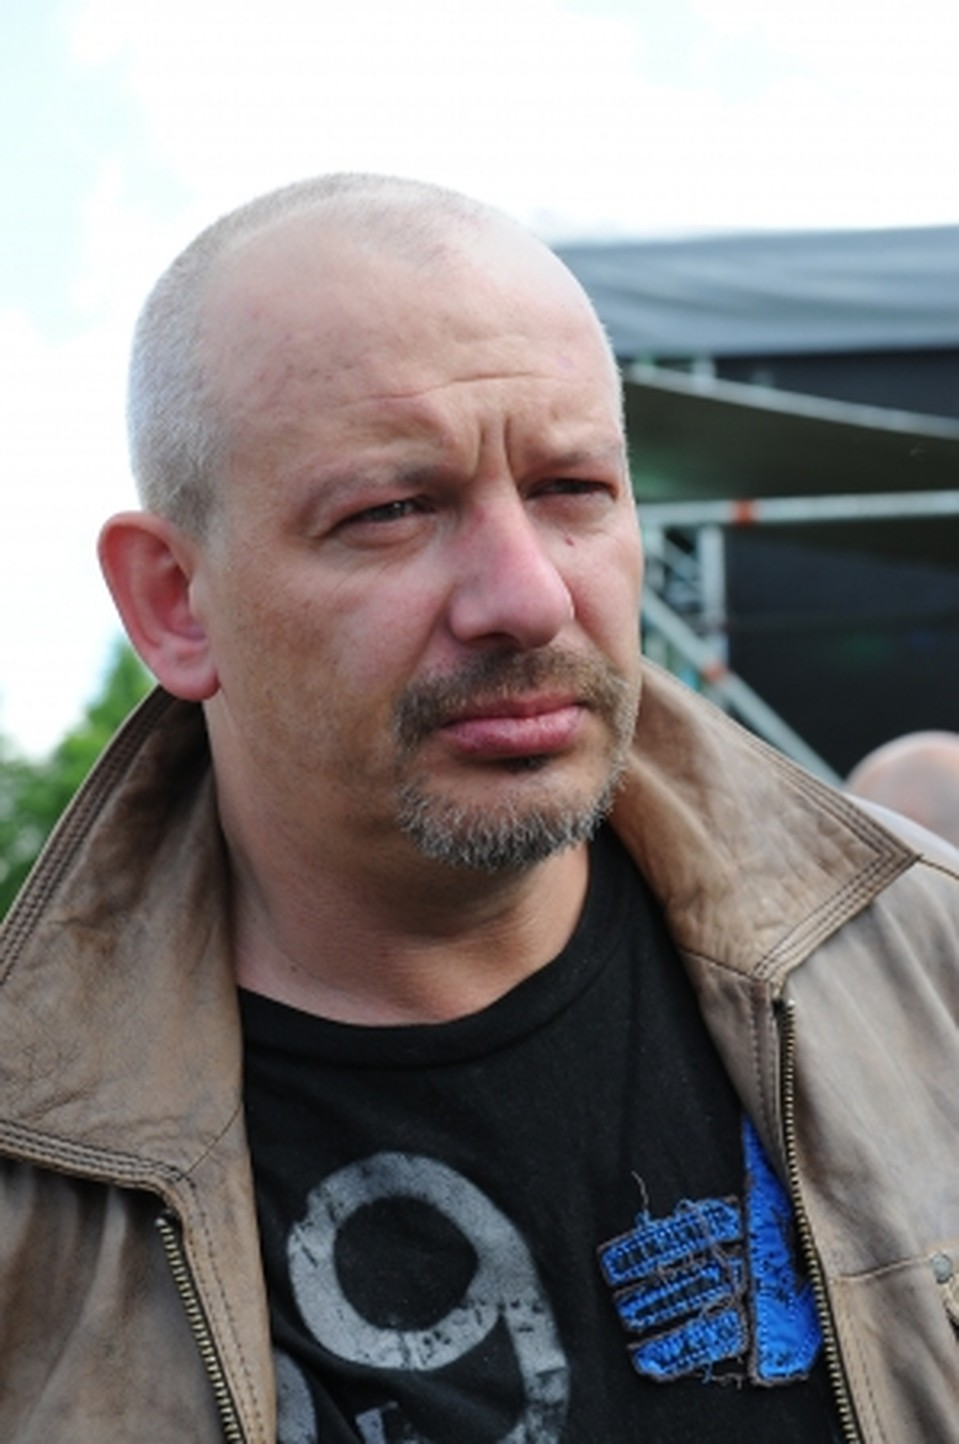 кантемировском марьянов дмитрий актер что случилось фото компас картинки